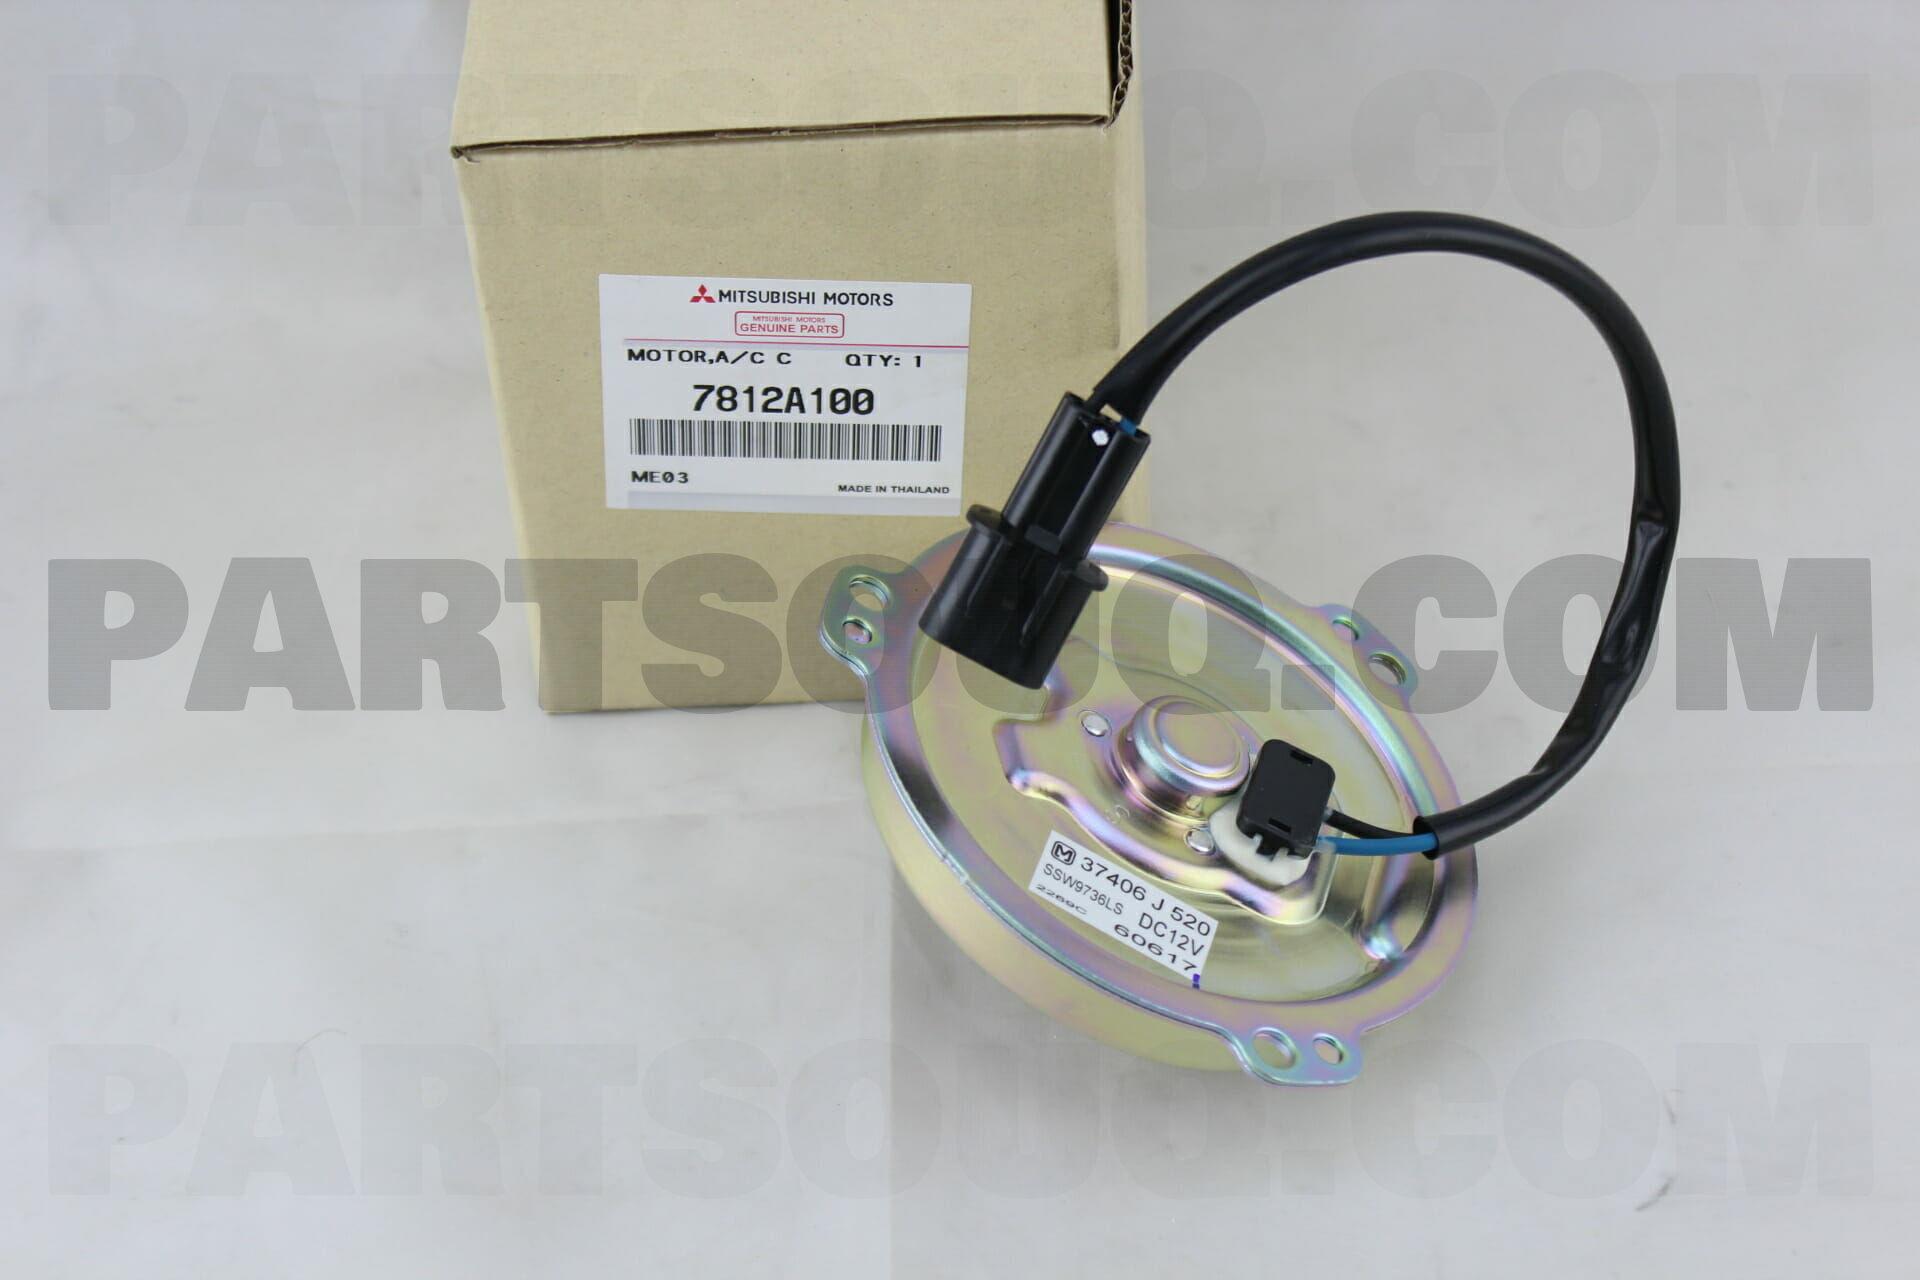 7812a100 Mitsubishi Motora C Condenser Fan Price 135 Weight Isuzu Npr Wiring